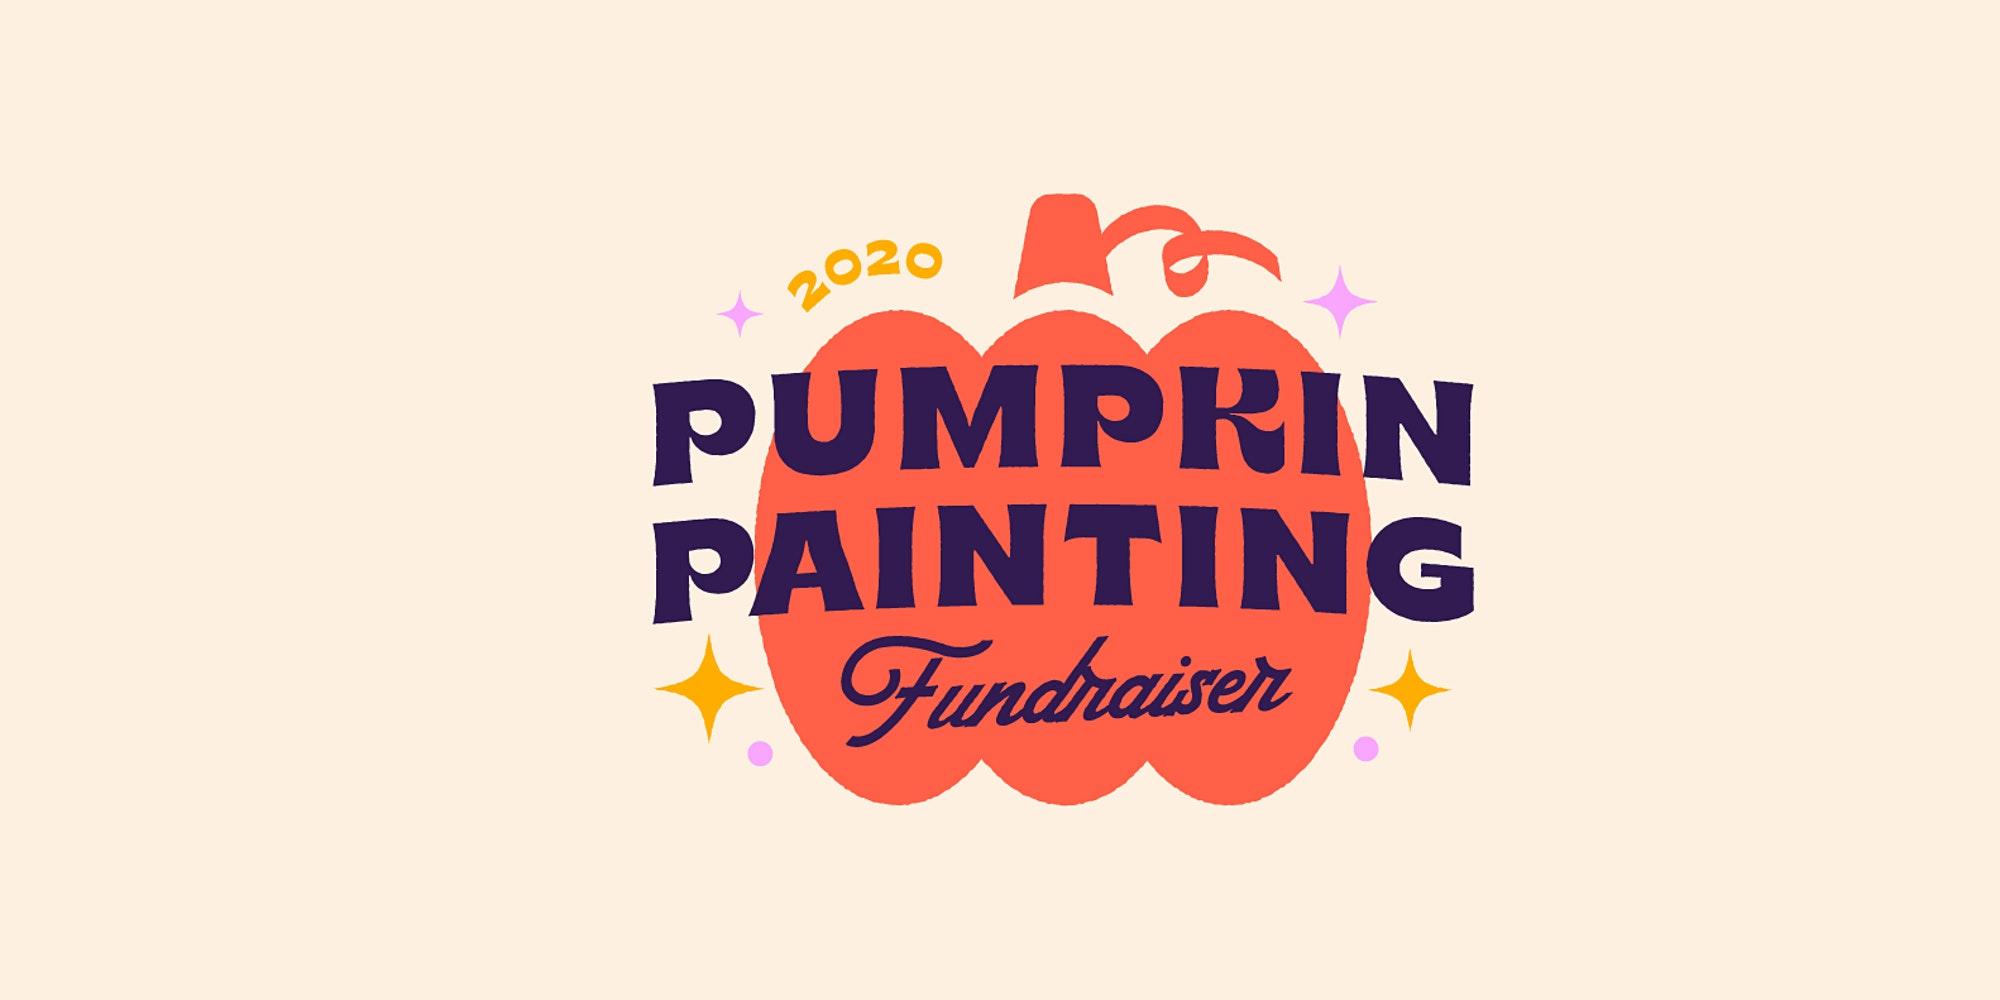 3rd Annual Pumpkin Painting Fundraiser